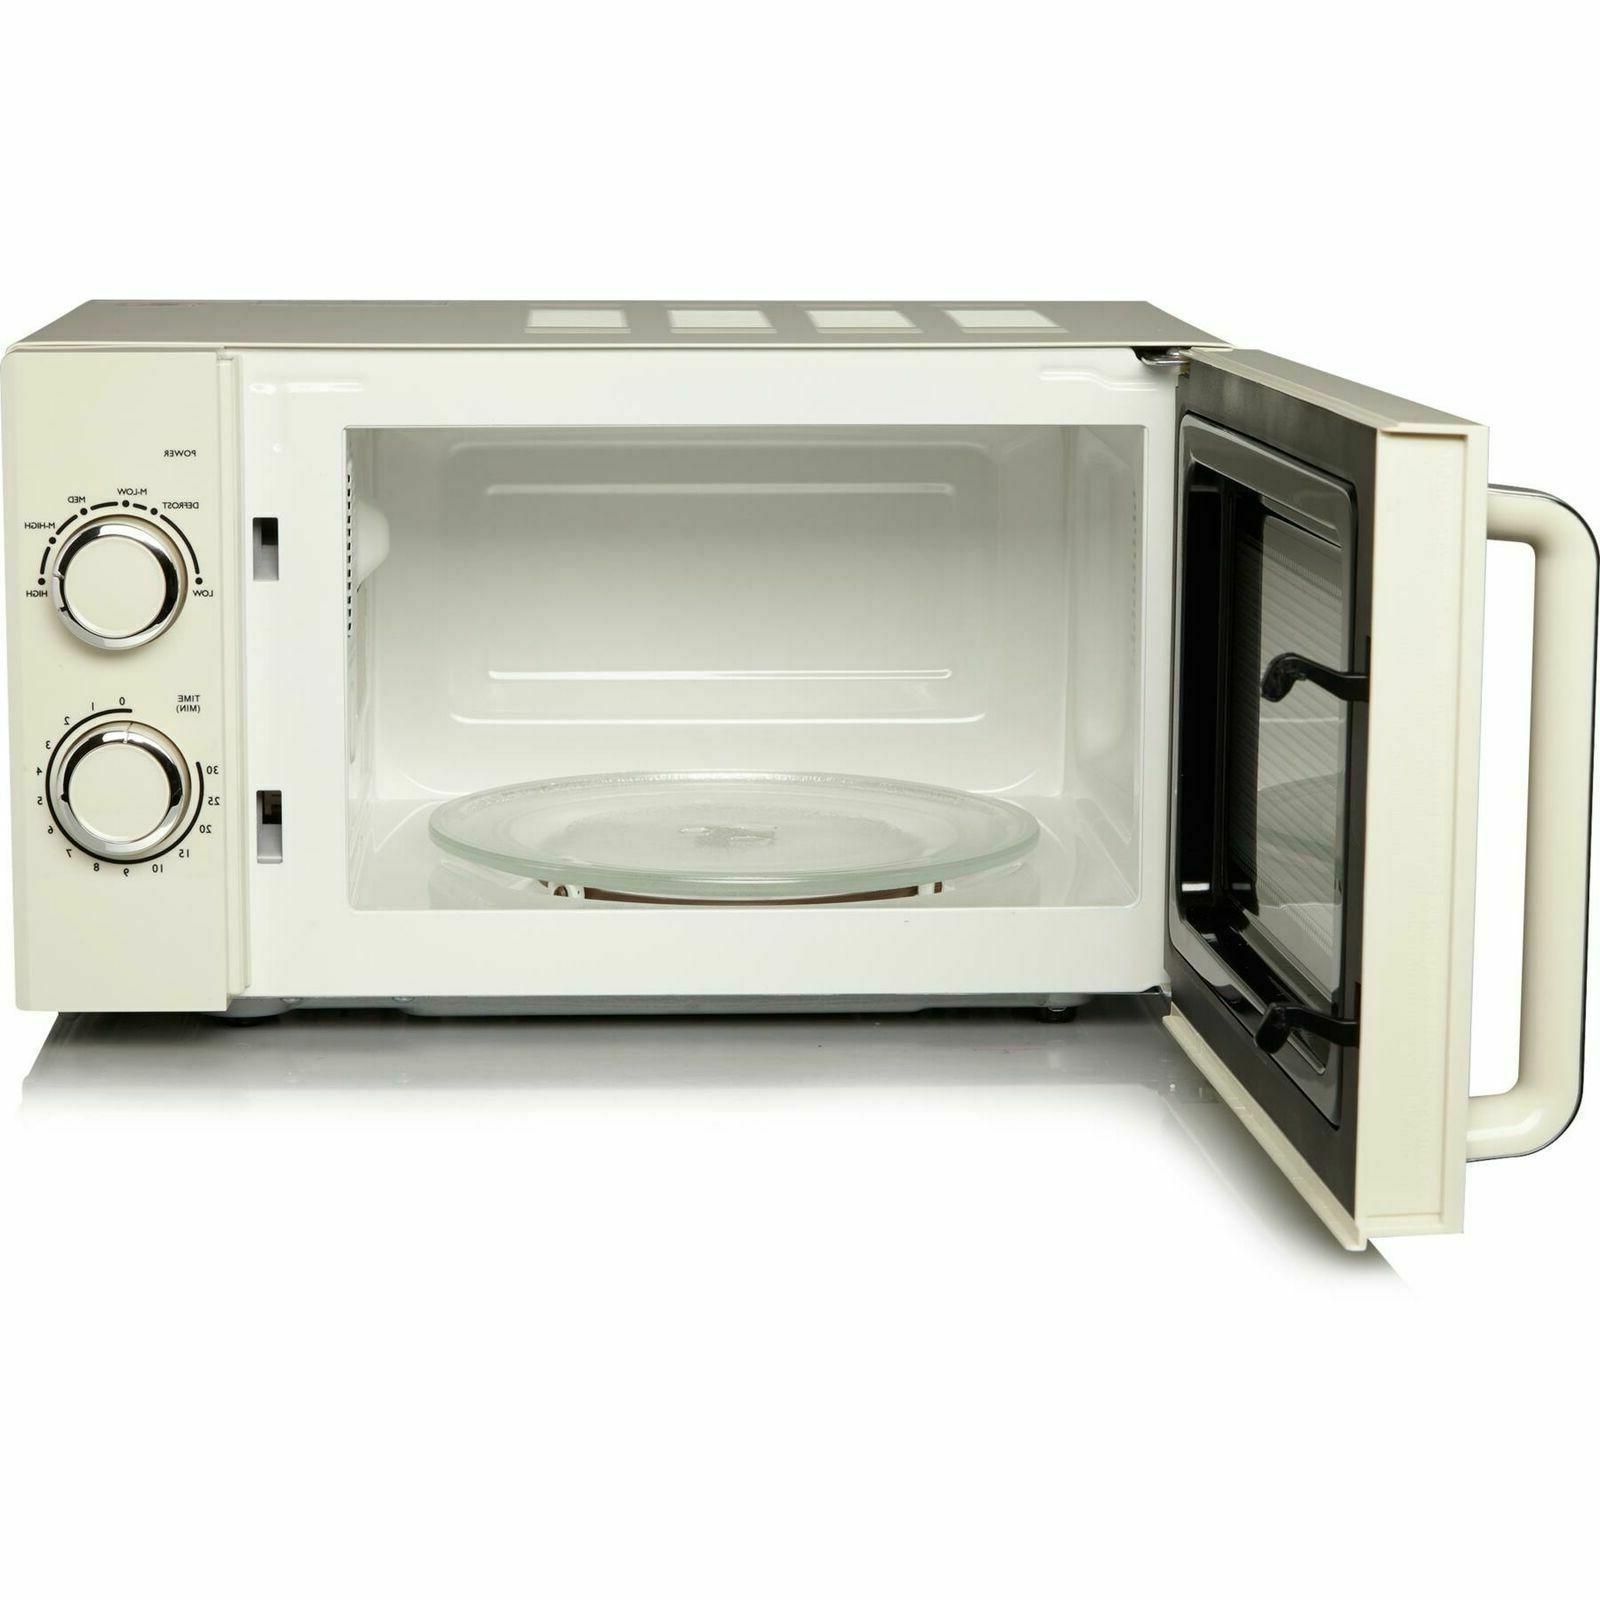 Cream Oven 17L Cheap Kitchen B17E9CMSC Best